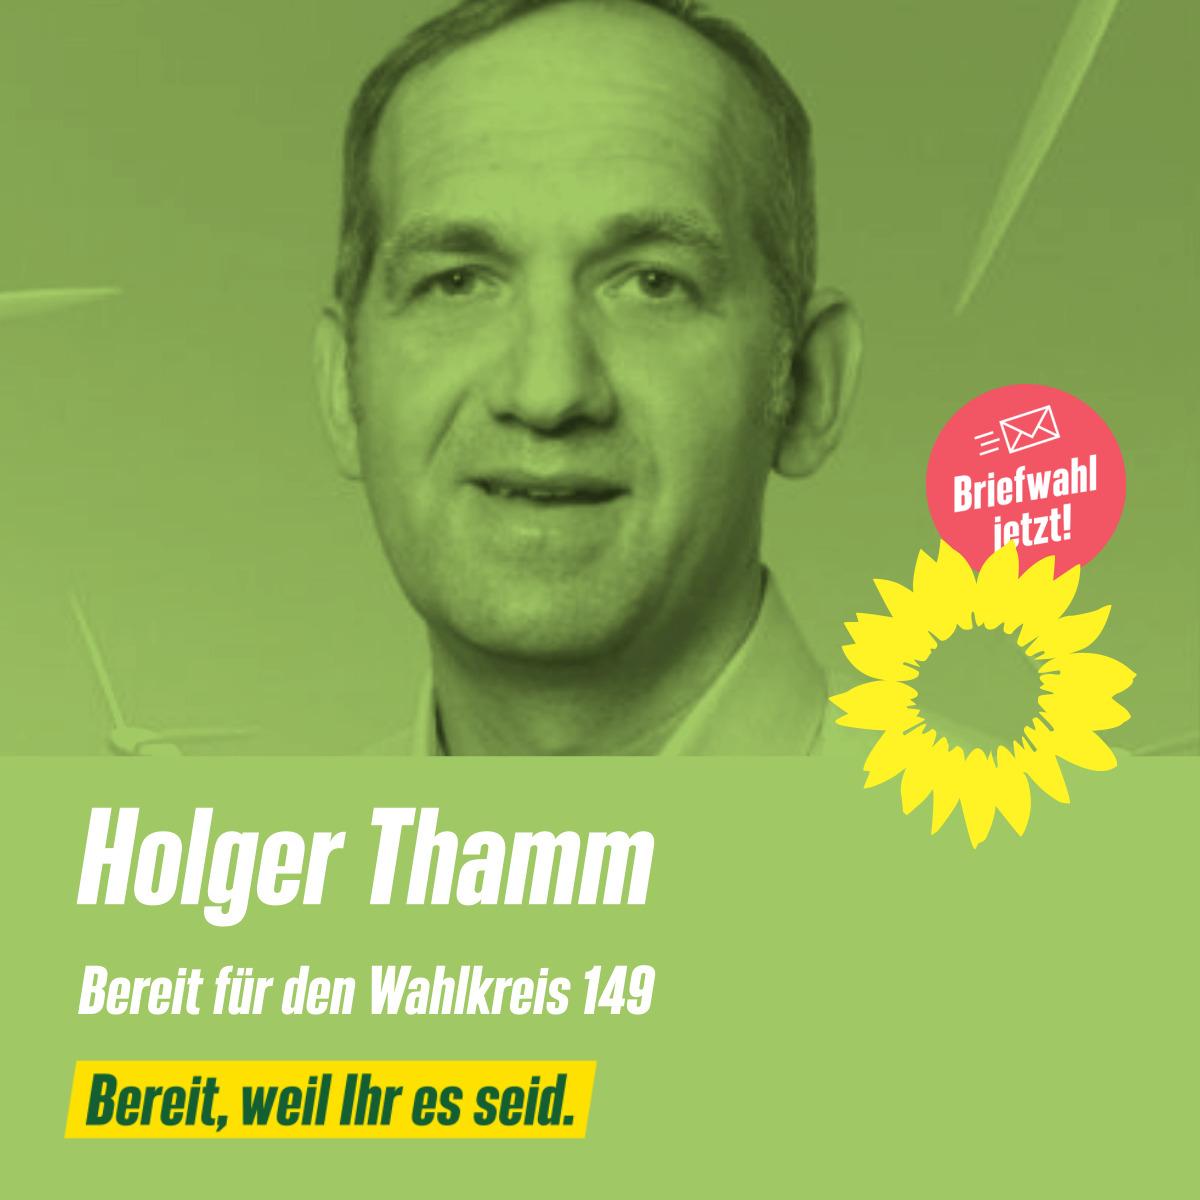 Holger Thamm, BTW-Kandidat 2021 für den Wahlkreis 149